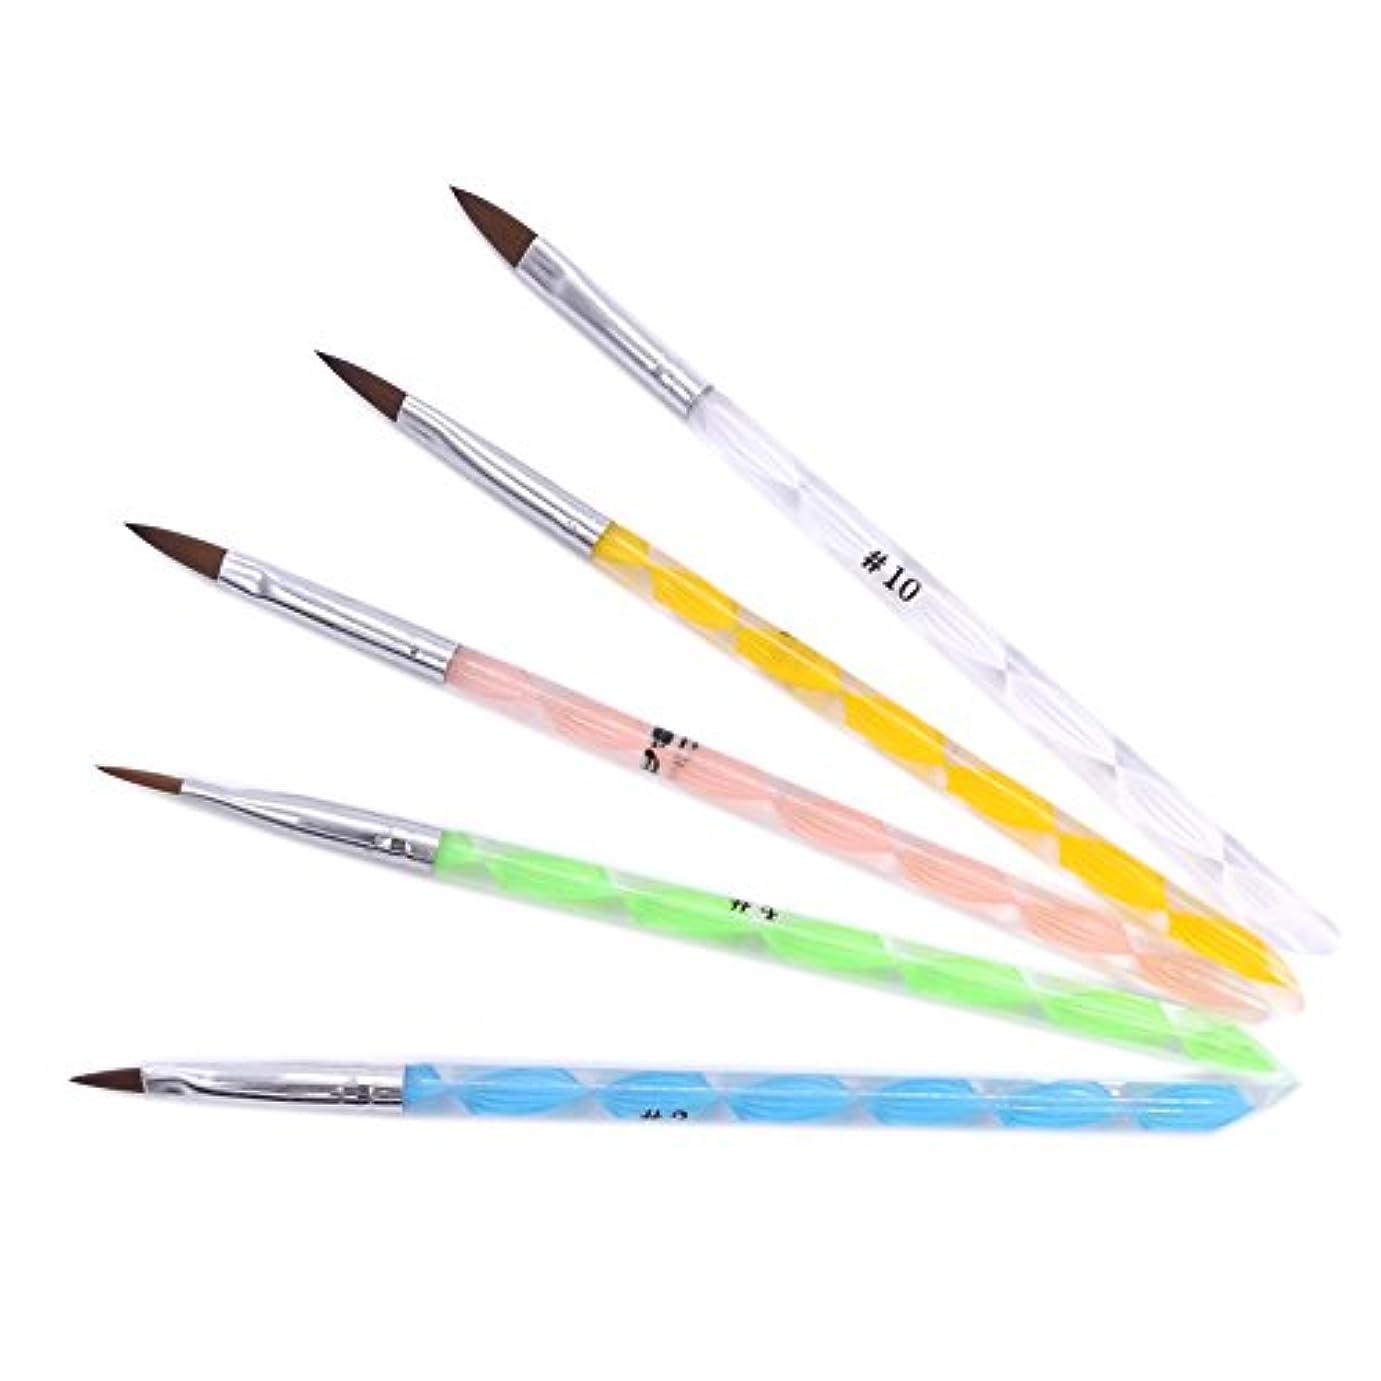 王室頑固な意気揚々(ウォームガール)Warm Girl ネイルアート アクリル用ブラシ ドットペン 5本セット ネイルデザイン 人気なセット